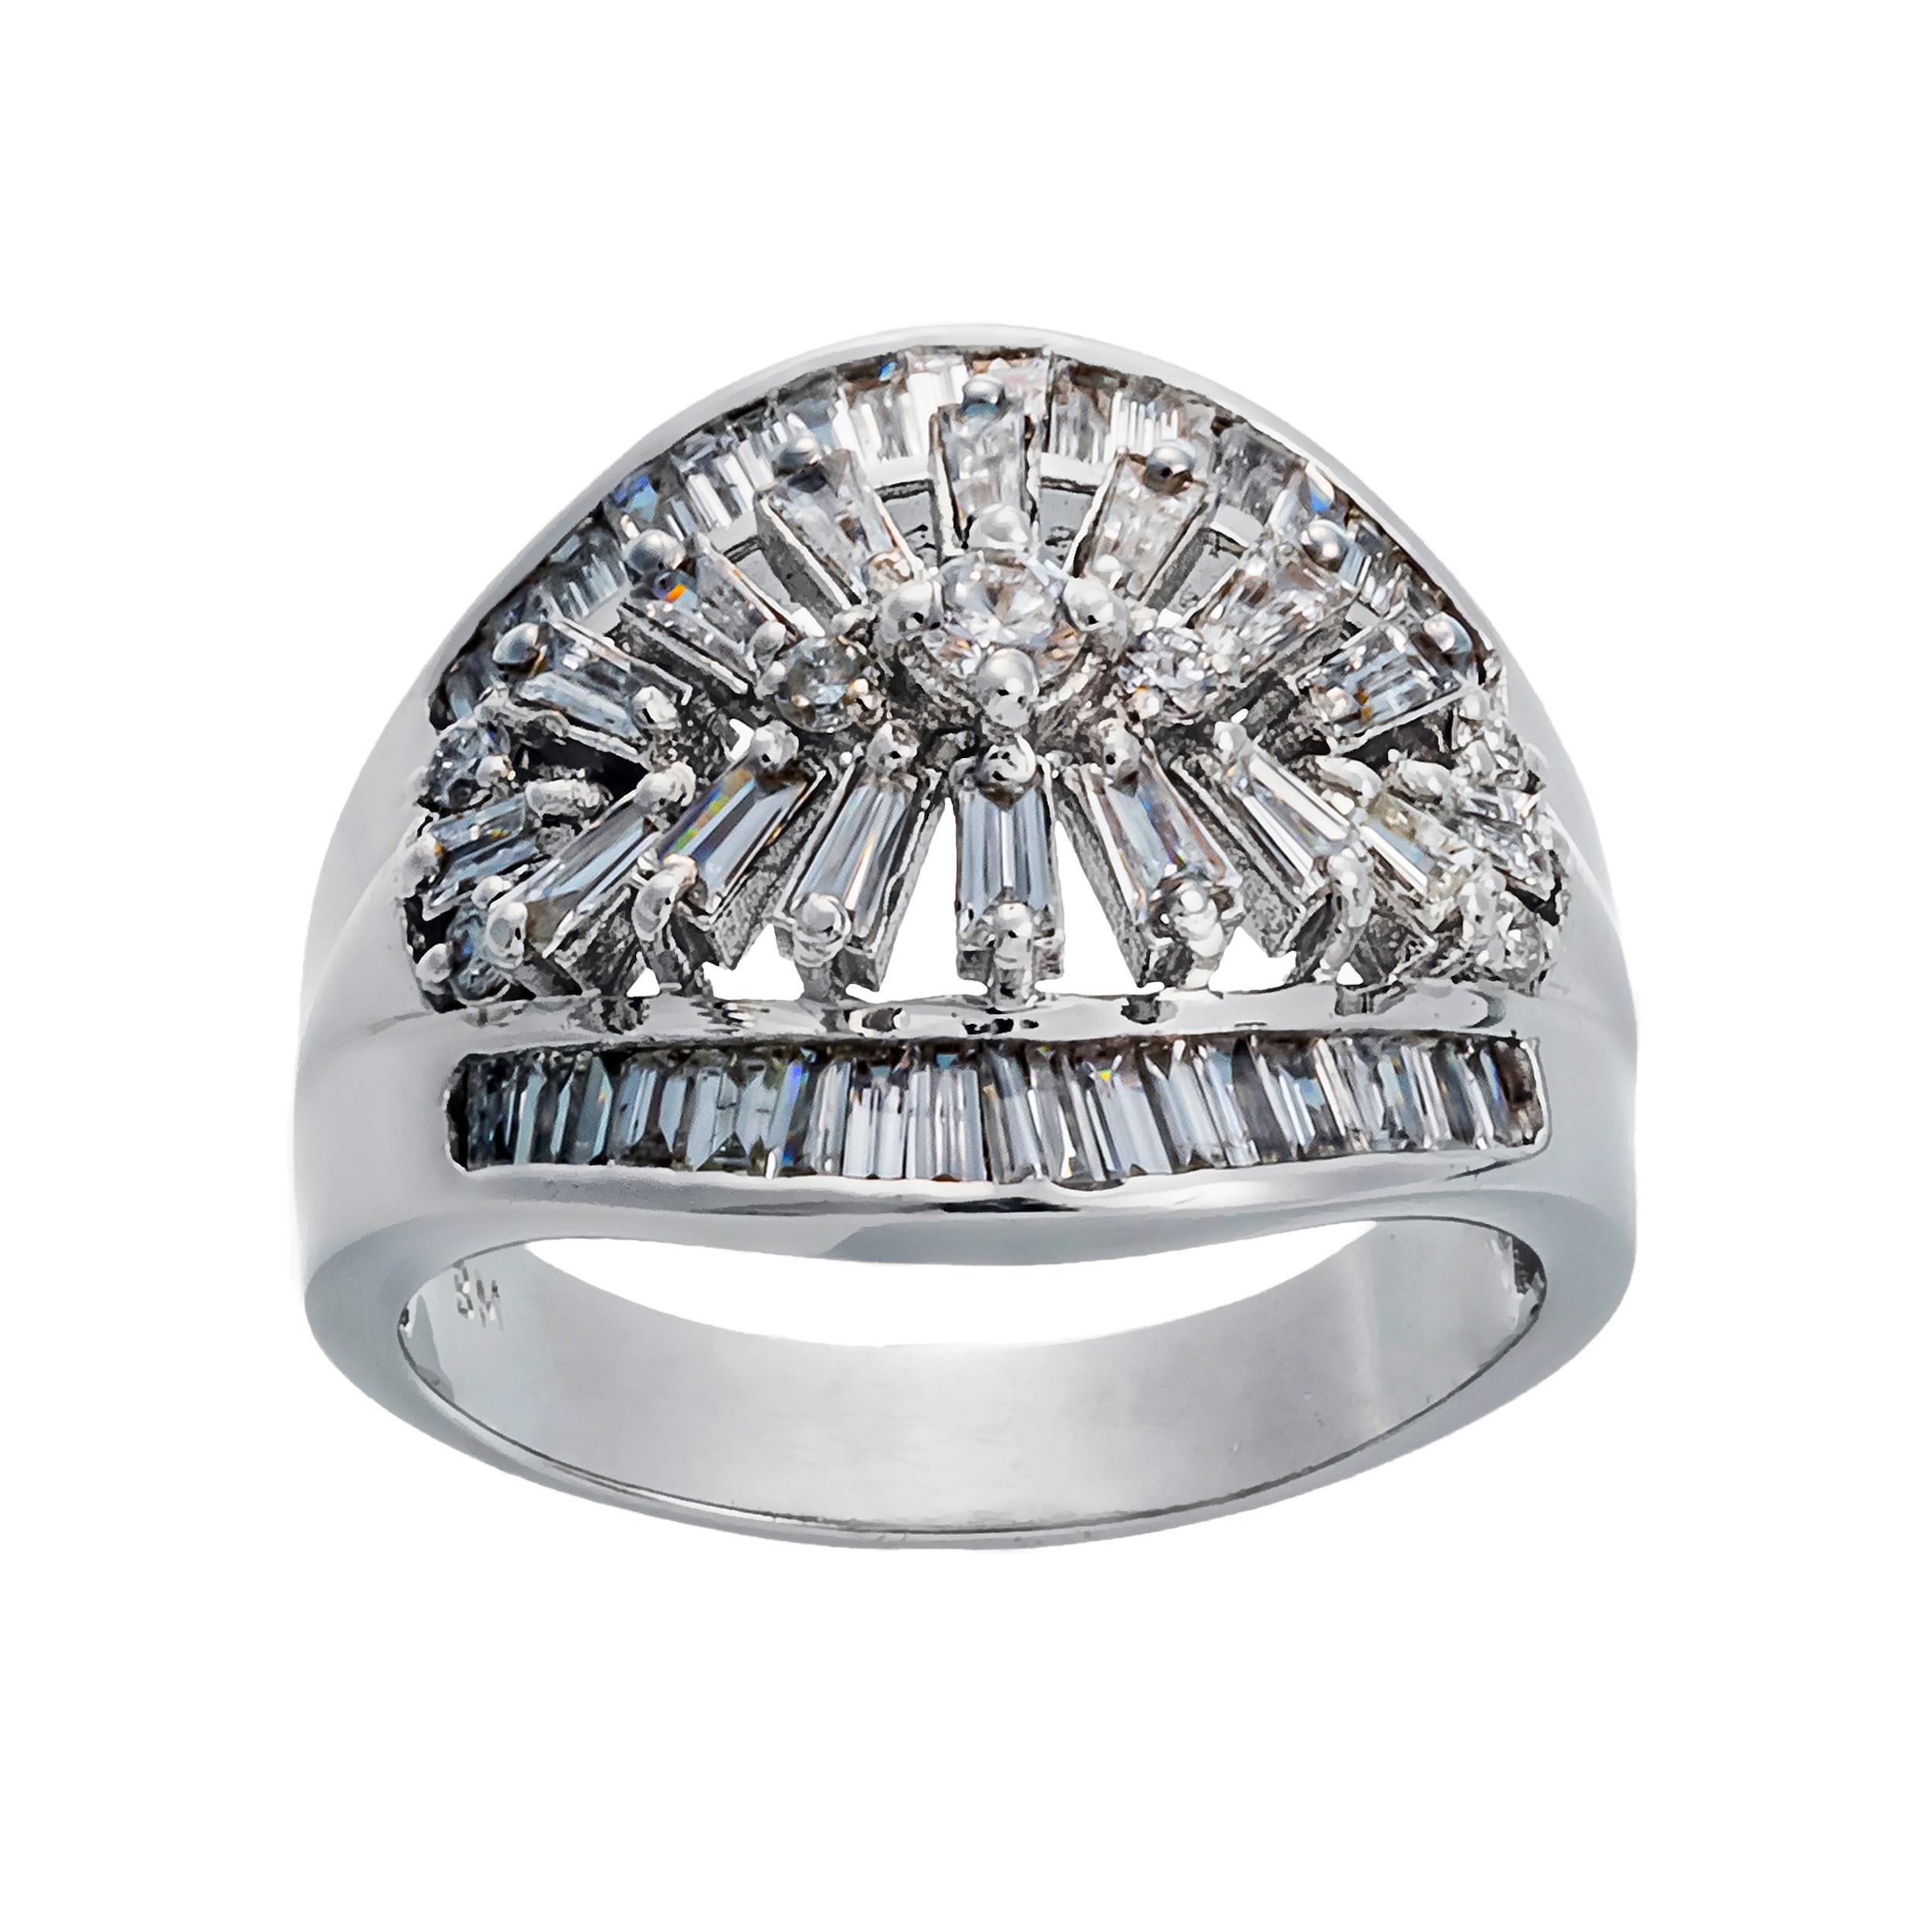 راهنمای خرید انگشتر طلا 18 عیار زنانه جواهری سون مدل 2429 لیست قیمت